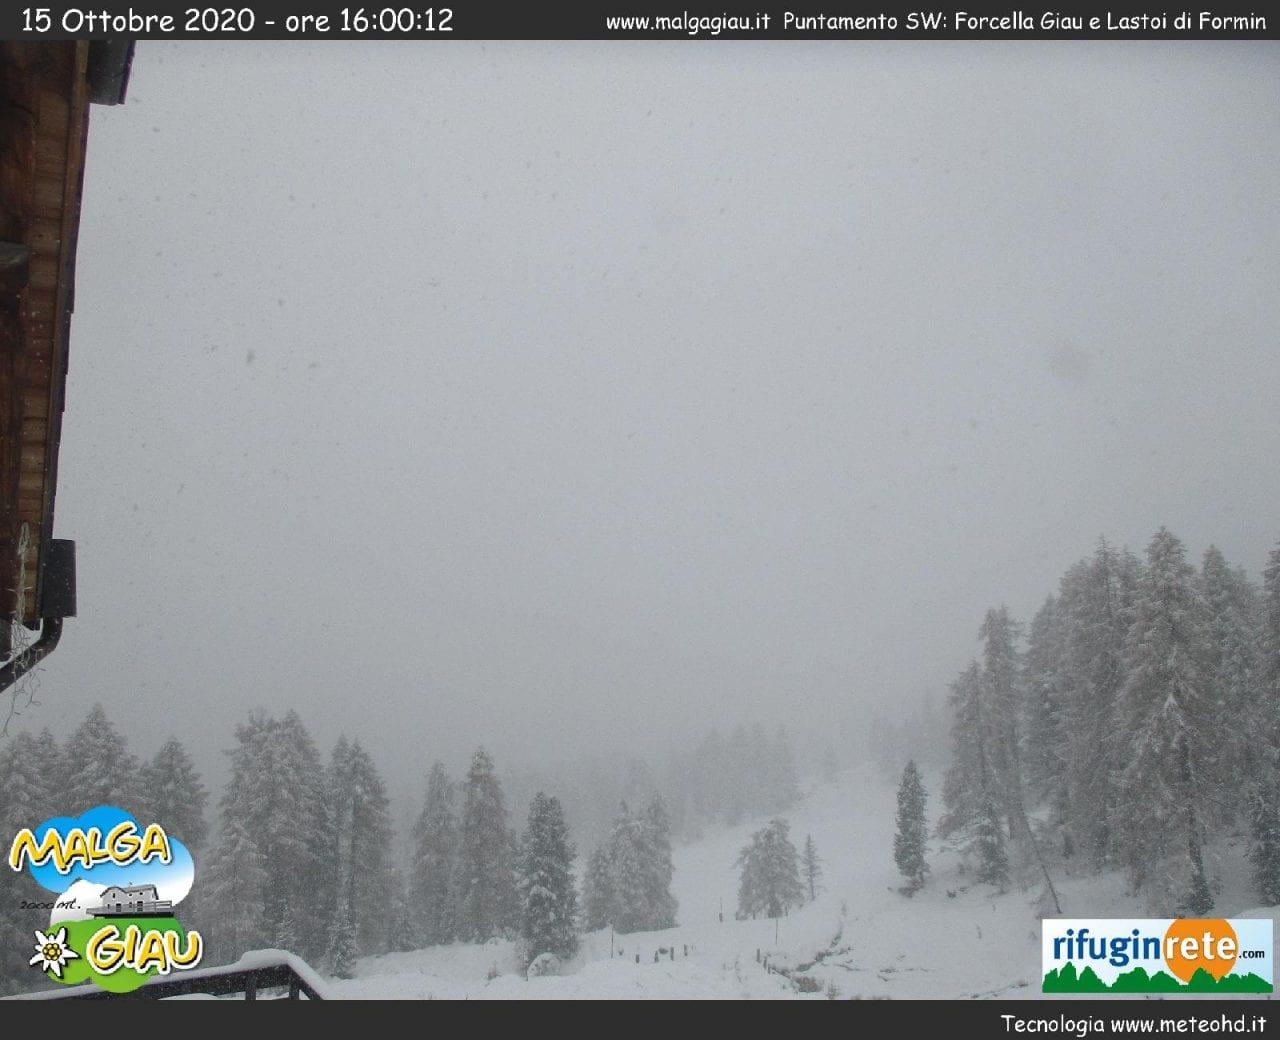 ce200c85 faa5 4e79 9677 8f6d3b103f03 - Veneto, abbondanti nevicate tra le Alpi e le Prealpi: galleria fotografica